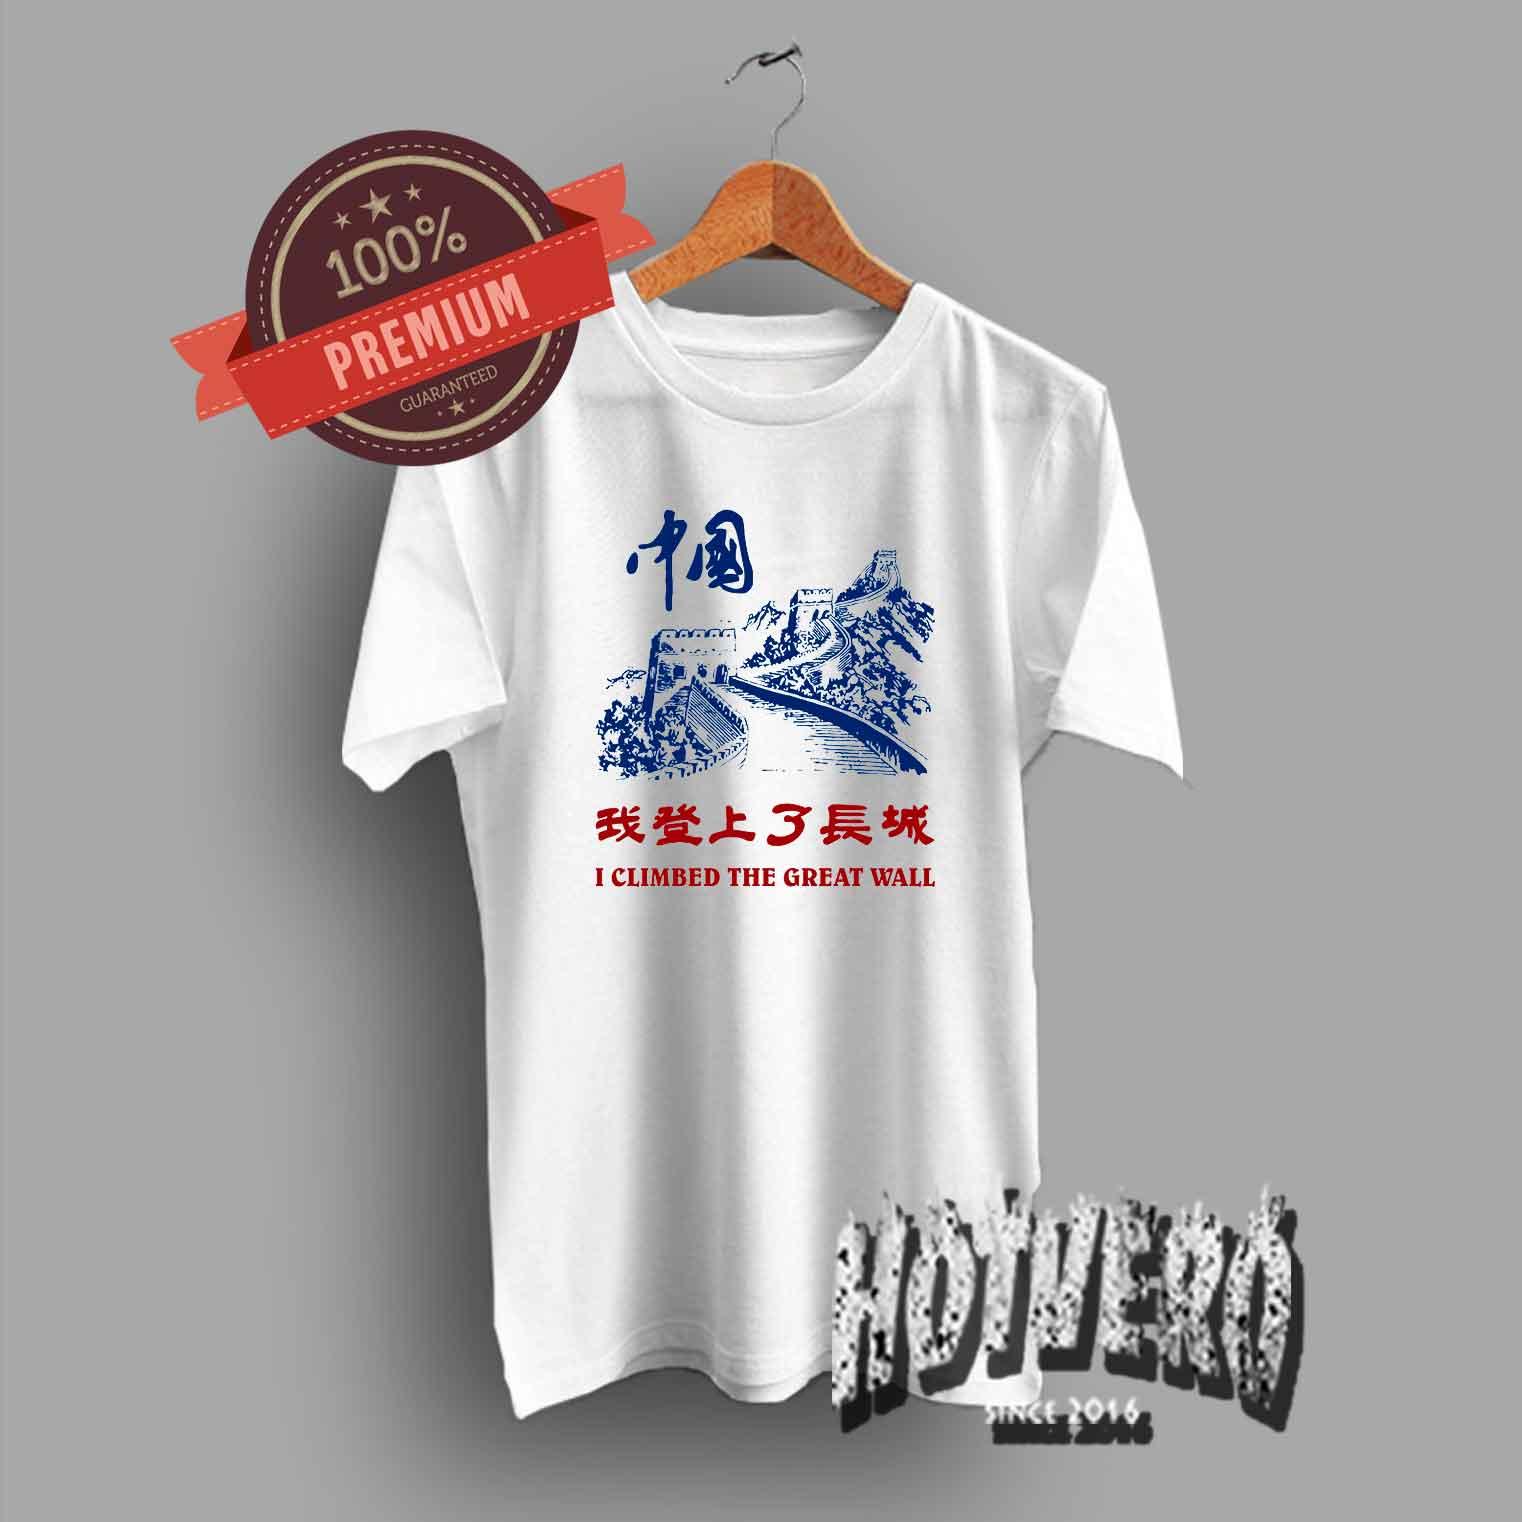 ed1f44e6 I Climbed The Great Wall China Cute T Shirt - HotVero.com